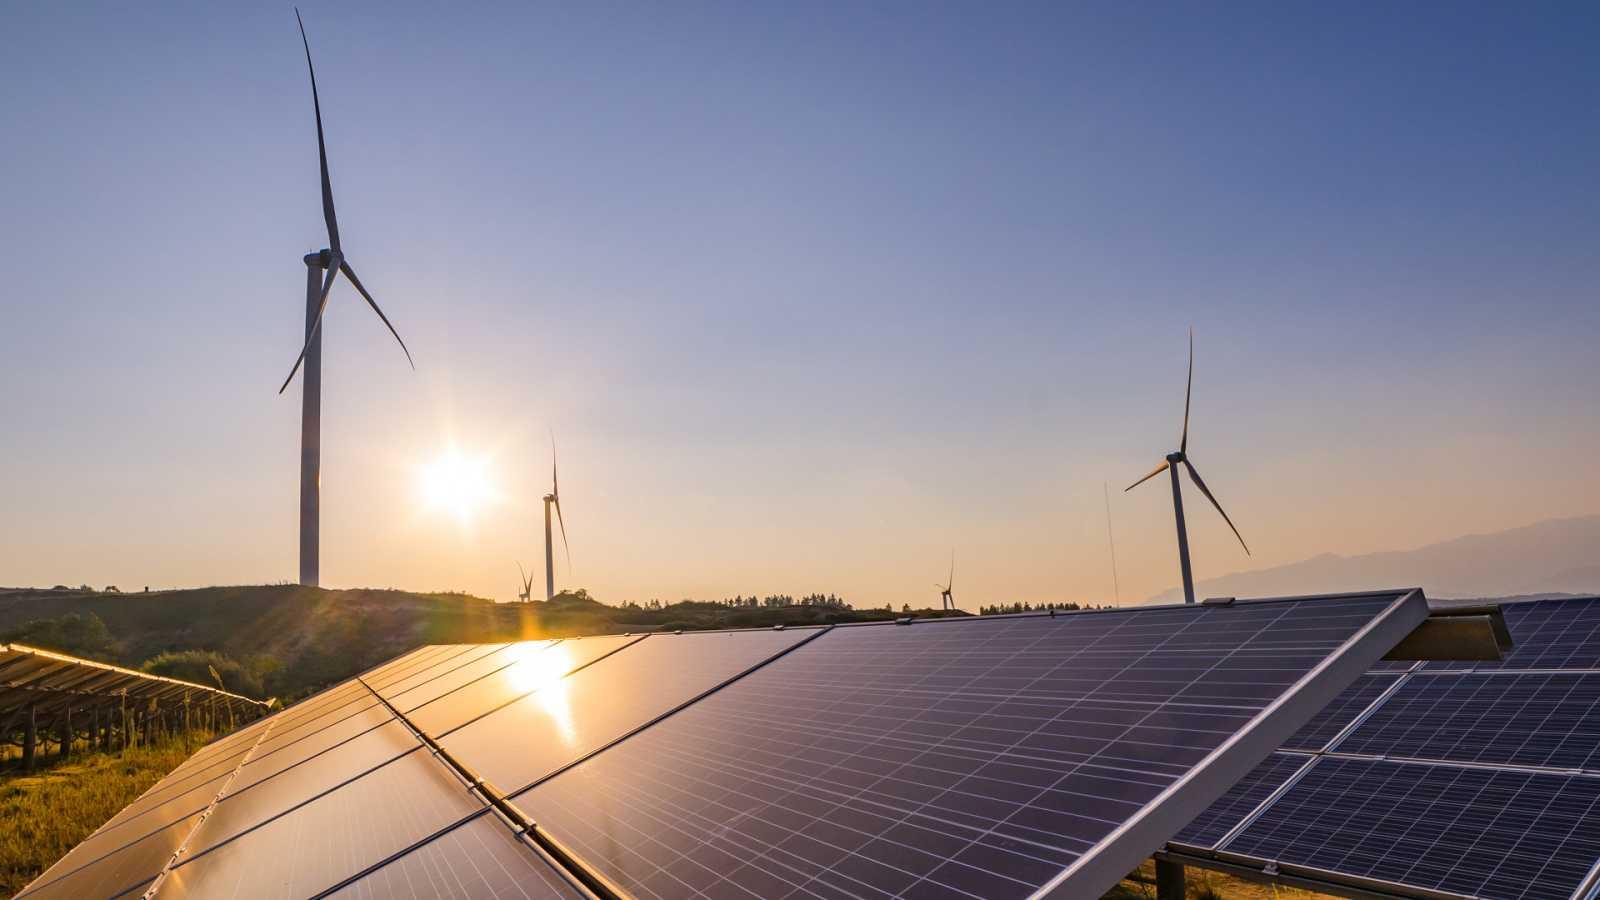 Reportajes Emisoras - Teruel - Energías renovables a debate  - 23/03/21 - Escuchar ahora